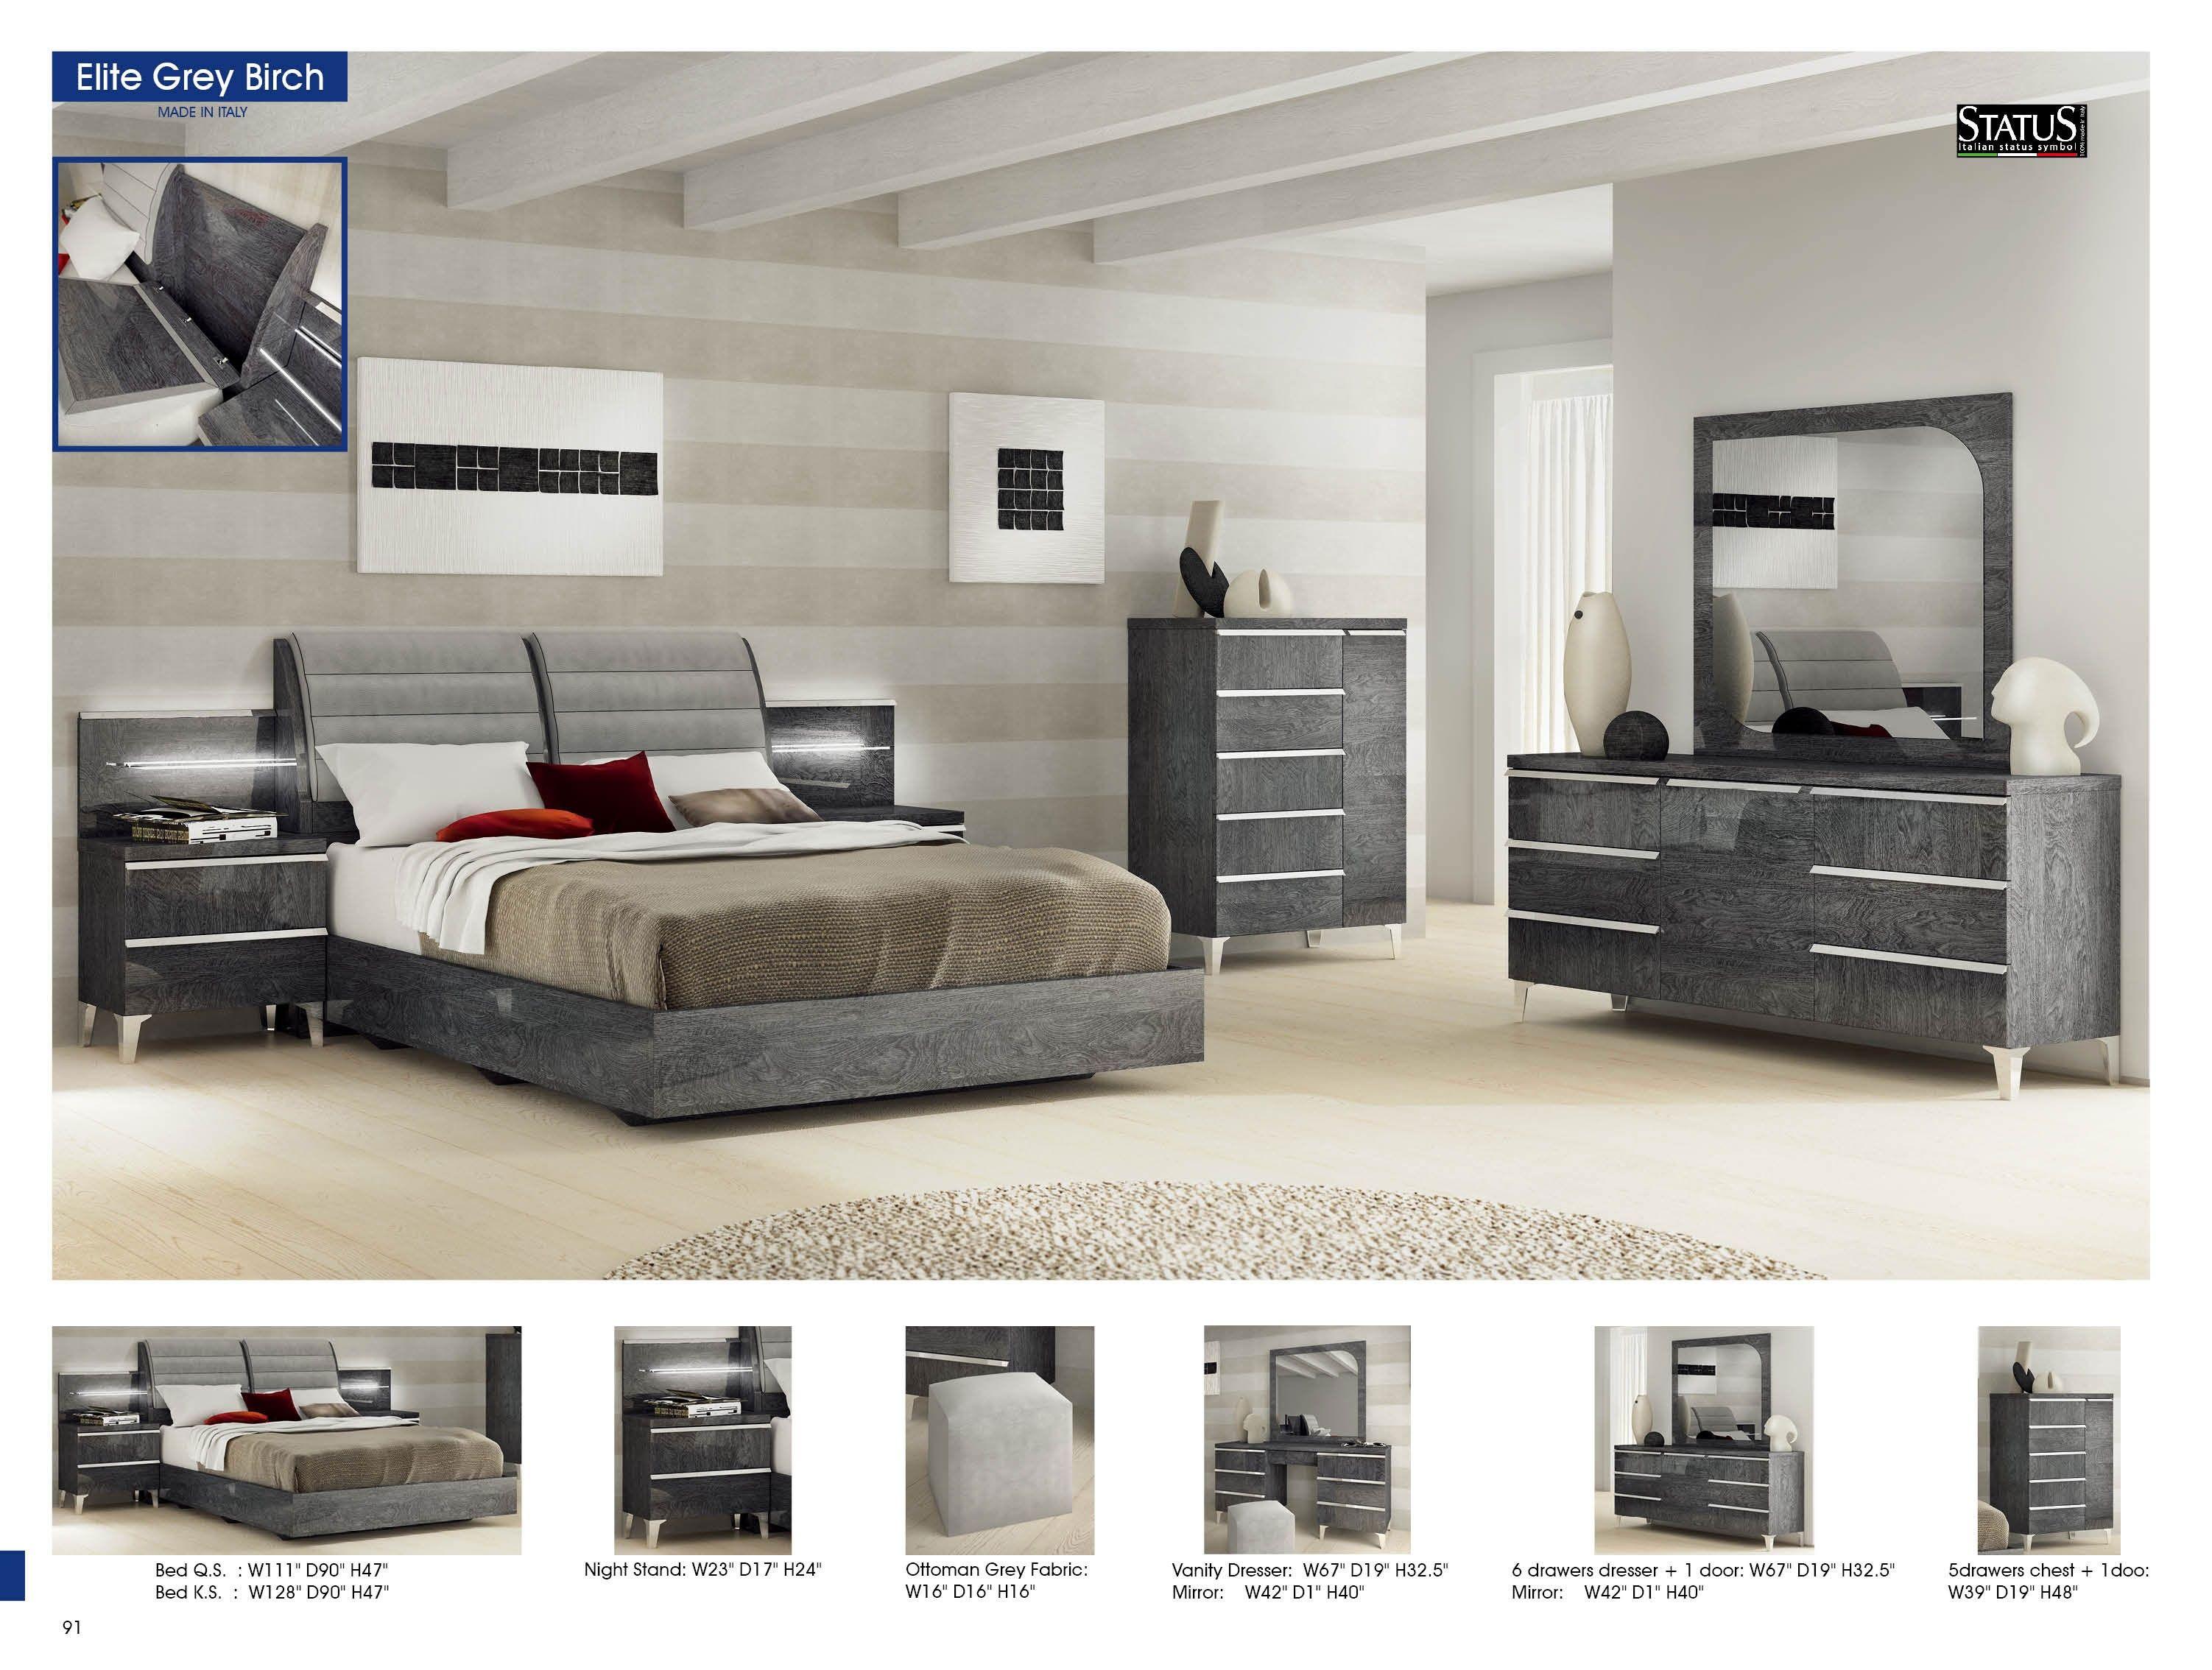 Elite Bedroom Set By Esf White Bedroom Set By Esf Buy From Nova Interiors Contemporary Furnitu Modern Bedroom Furniture Platform Bedroom Sets Bedroom Design